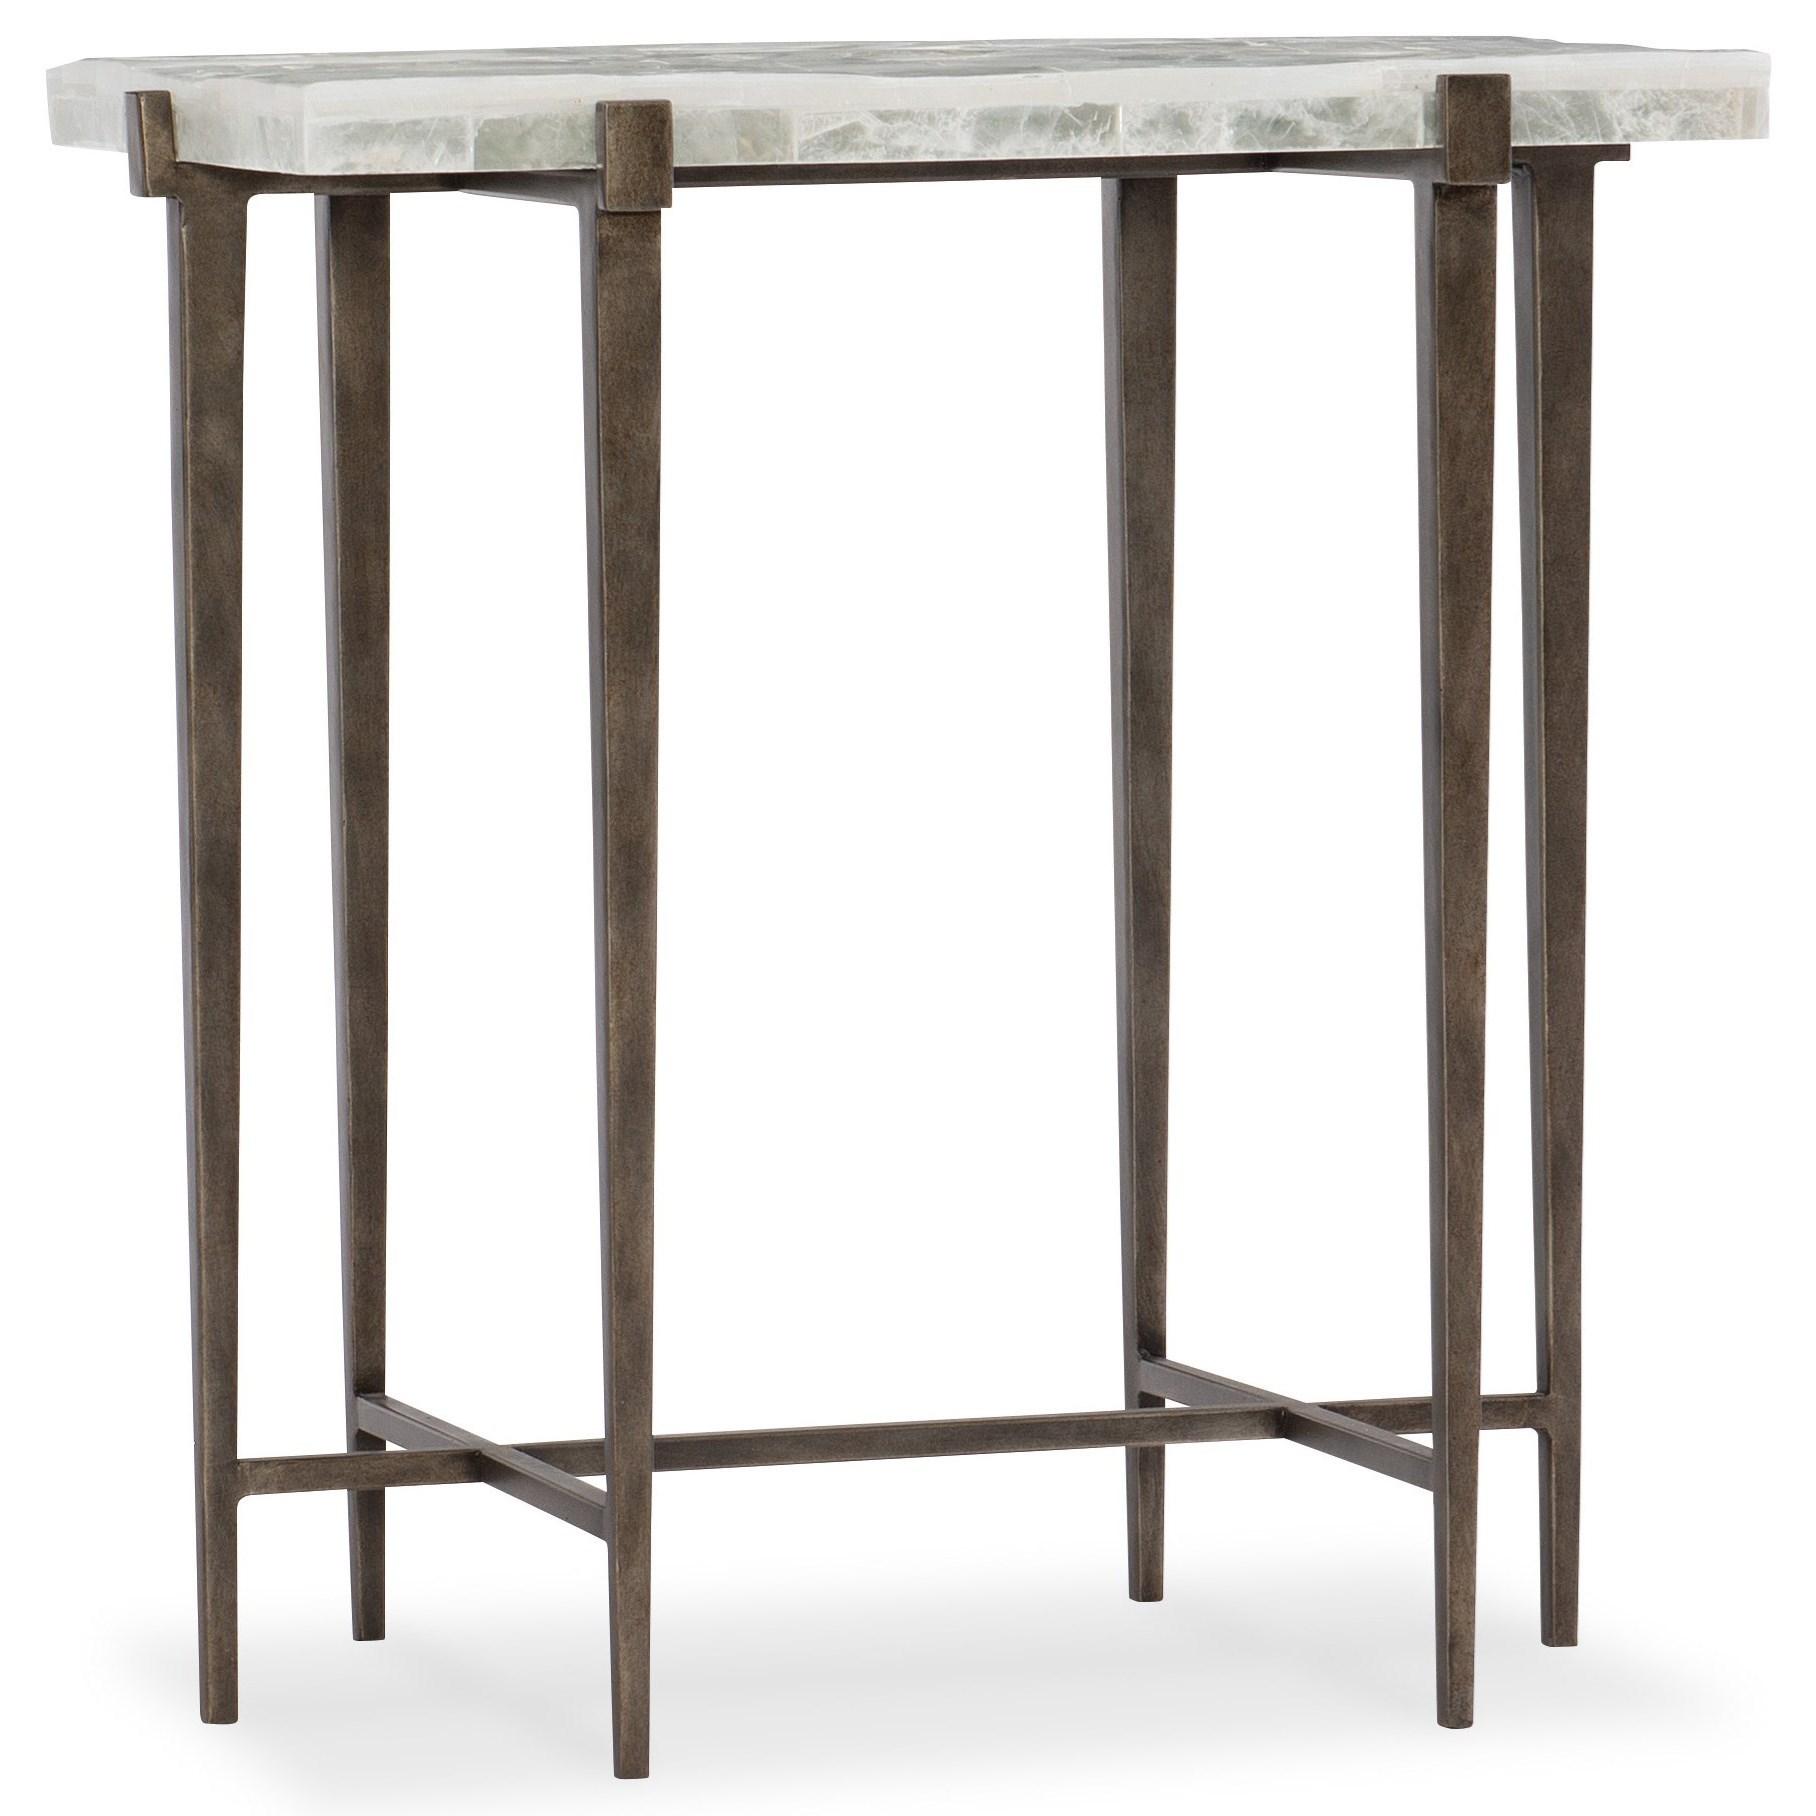 Melange Bellis Accent Table by Hooker Furniture at Baer's Furniture